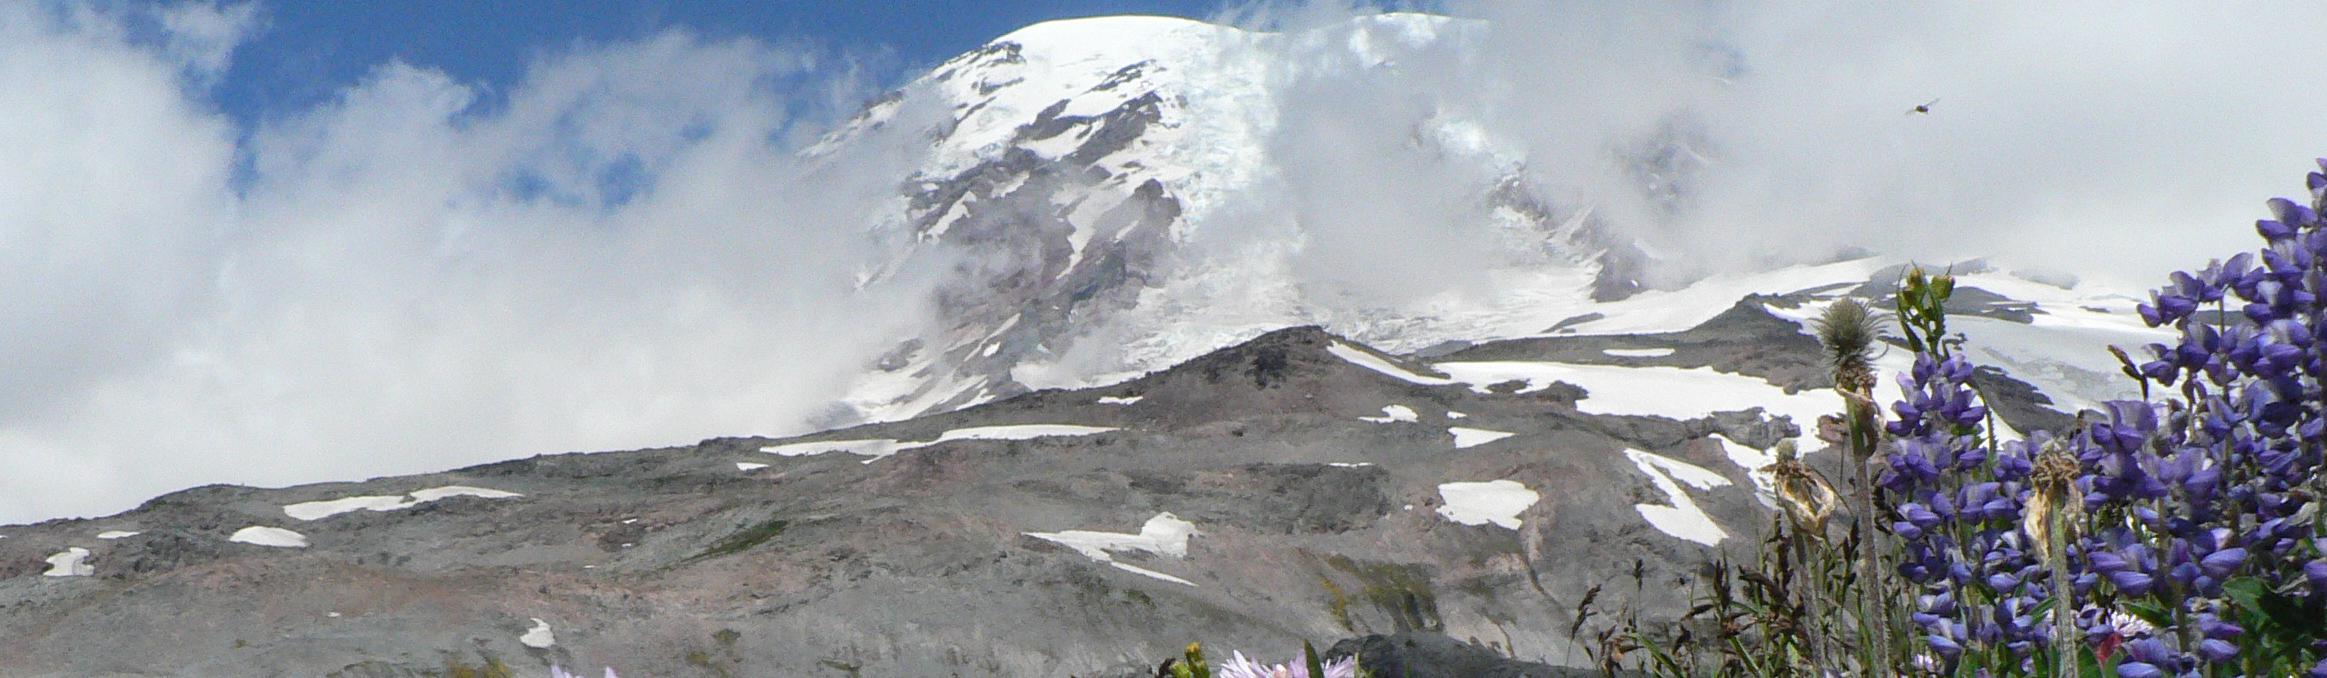 Mount Rainier National Park (U S  National Park Service)